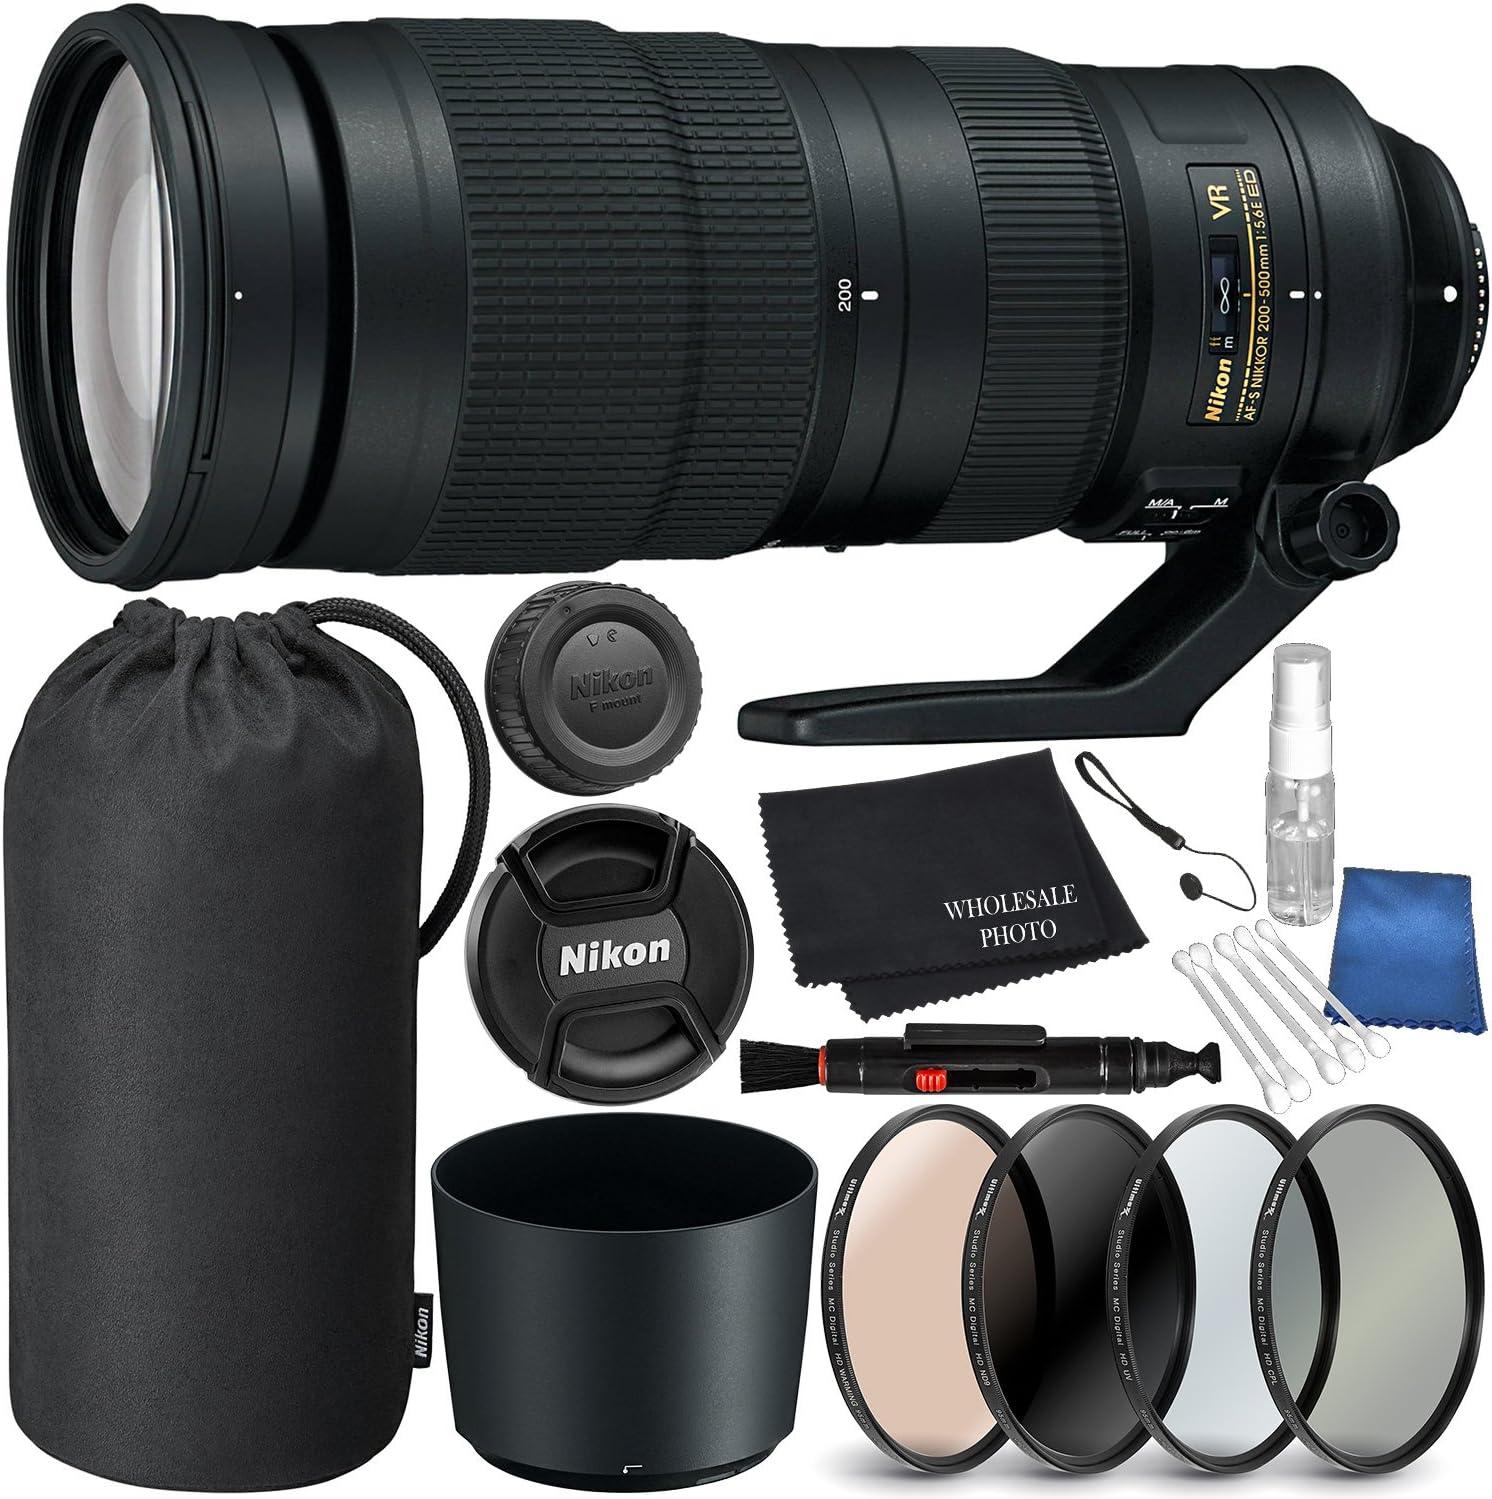 Nikon Af S Nikkor 200 500mm F Elektronik